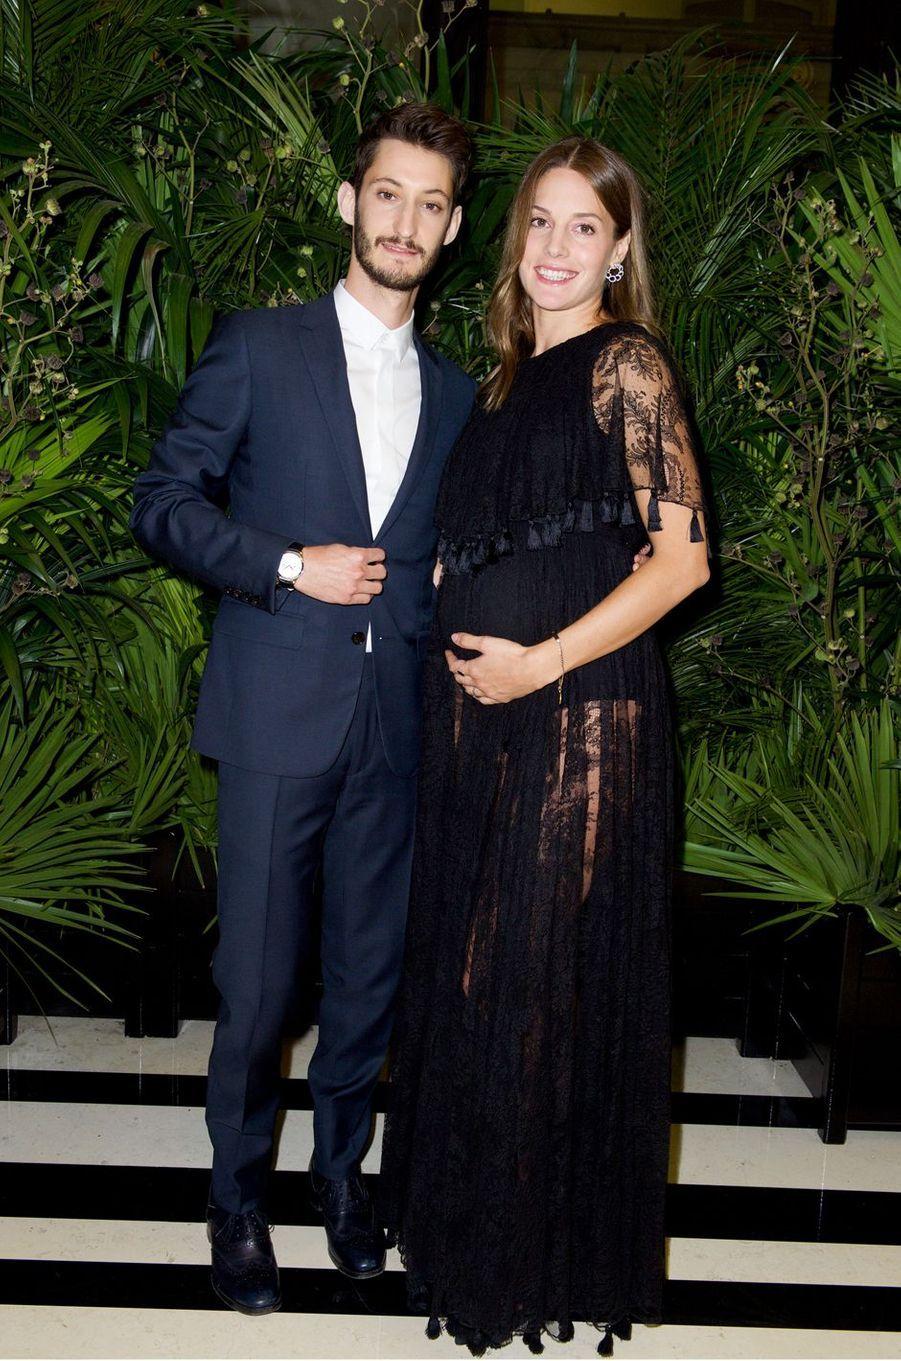 Pierre Niney et Natasha Andrews ont accueilli leur premier enfant en décembre 2017.